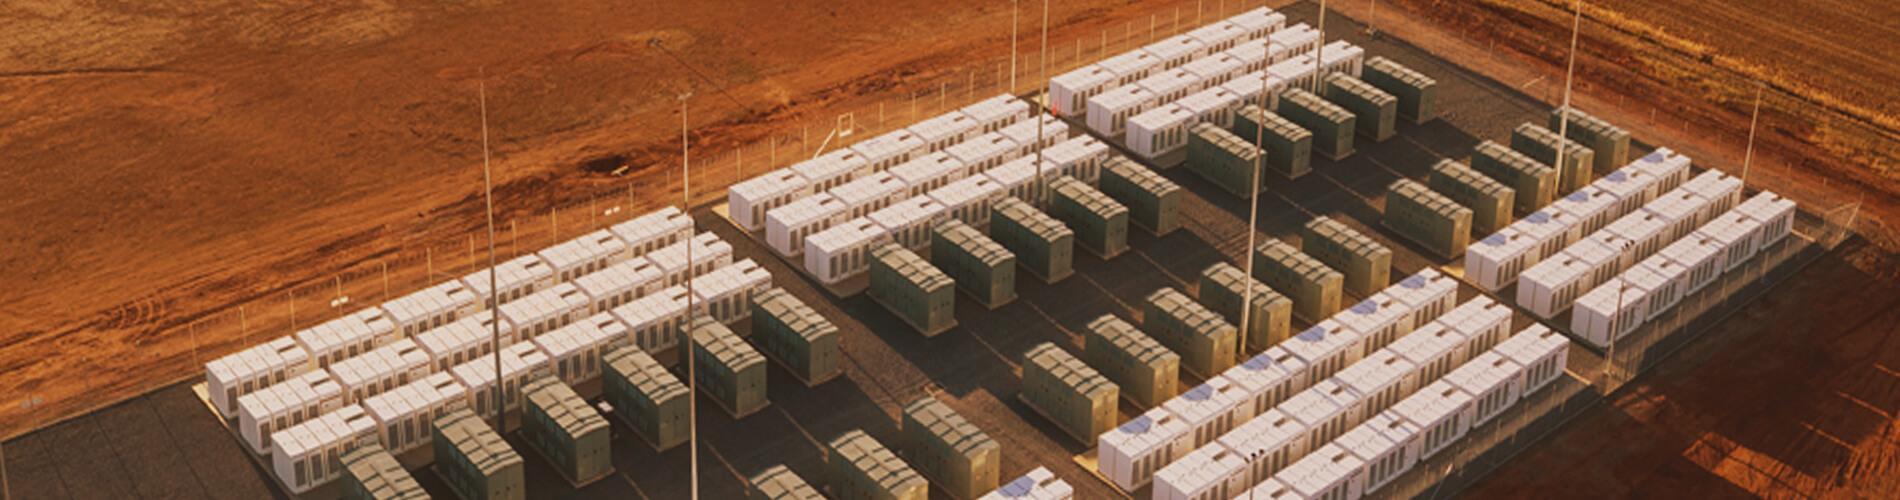 Lithium Batteries Brisbane Supplier